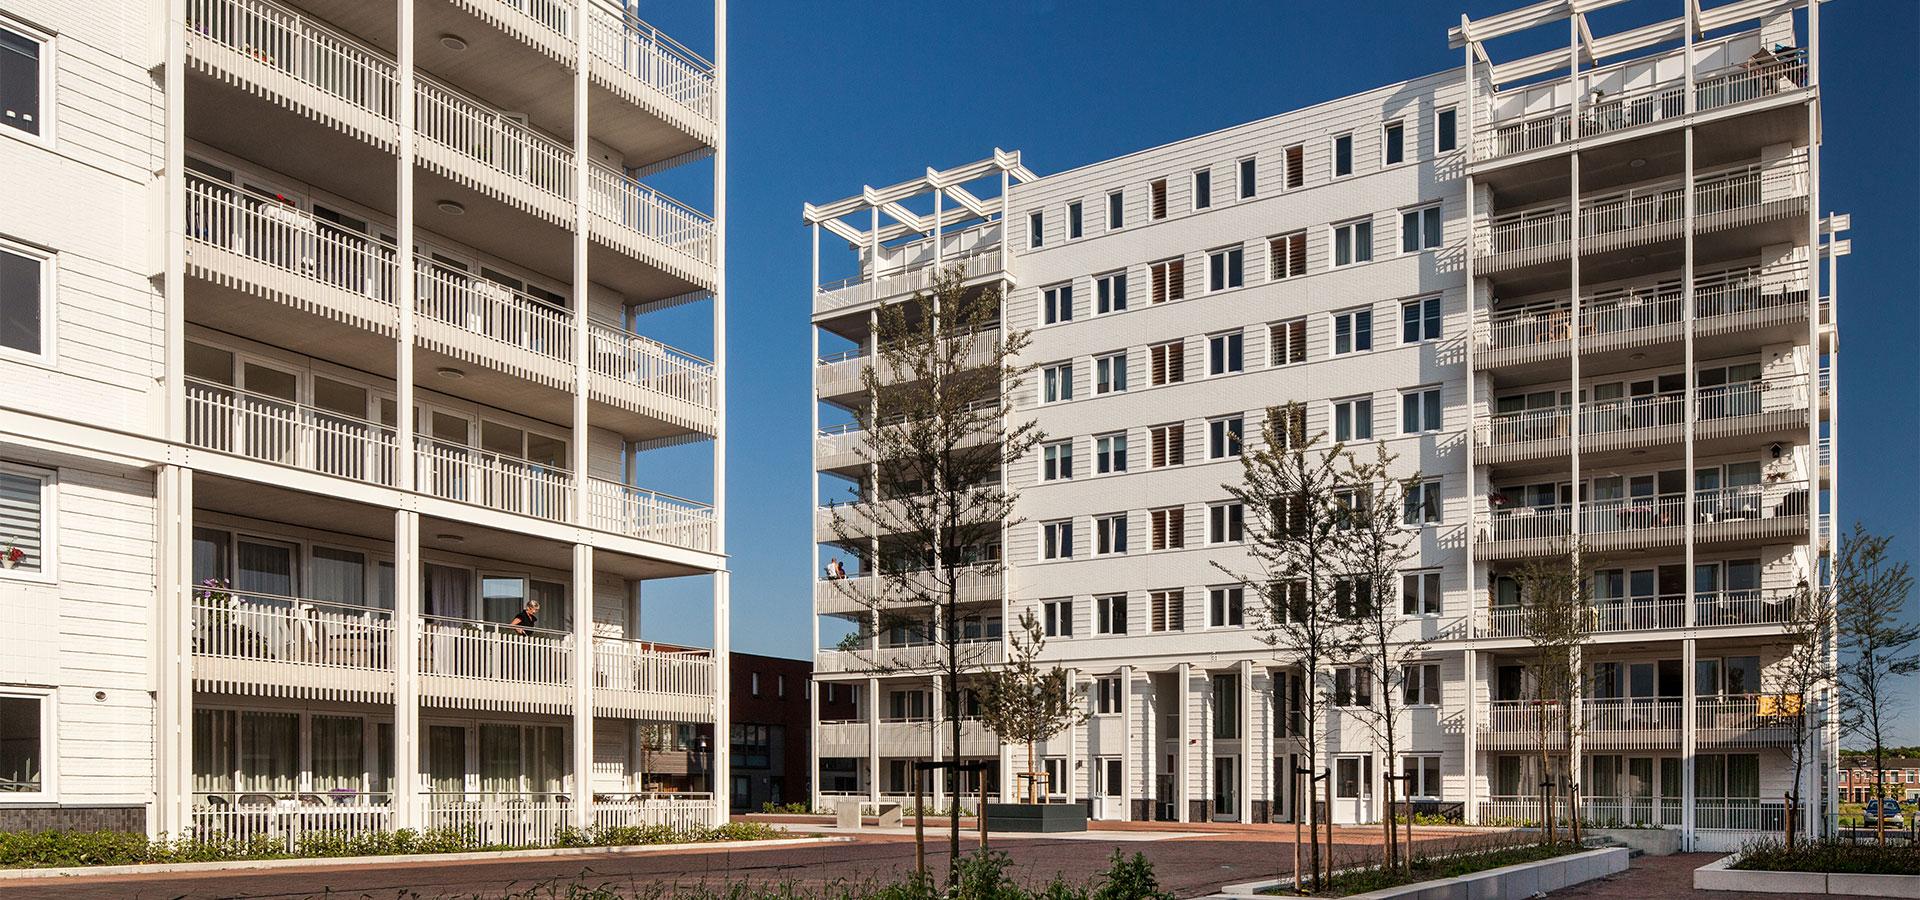 FARO architecten Binnenhaven blok 4 en 5 IJmuiden 02